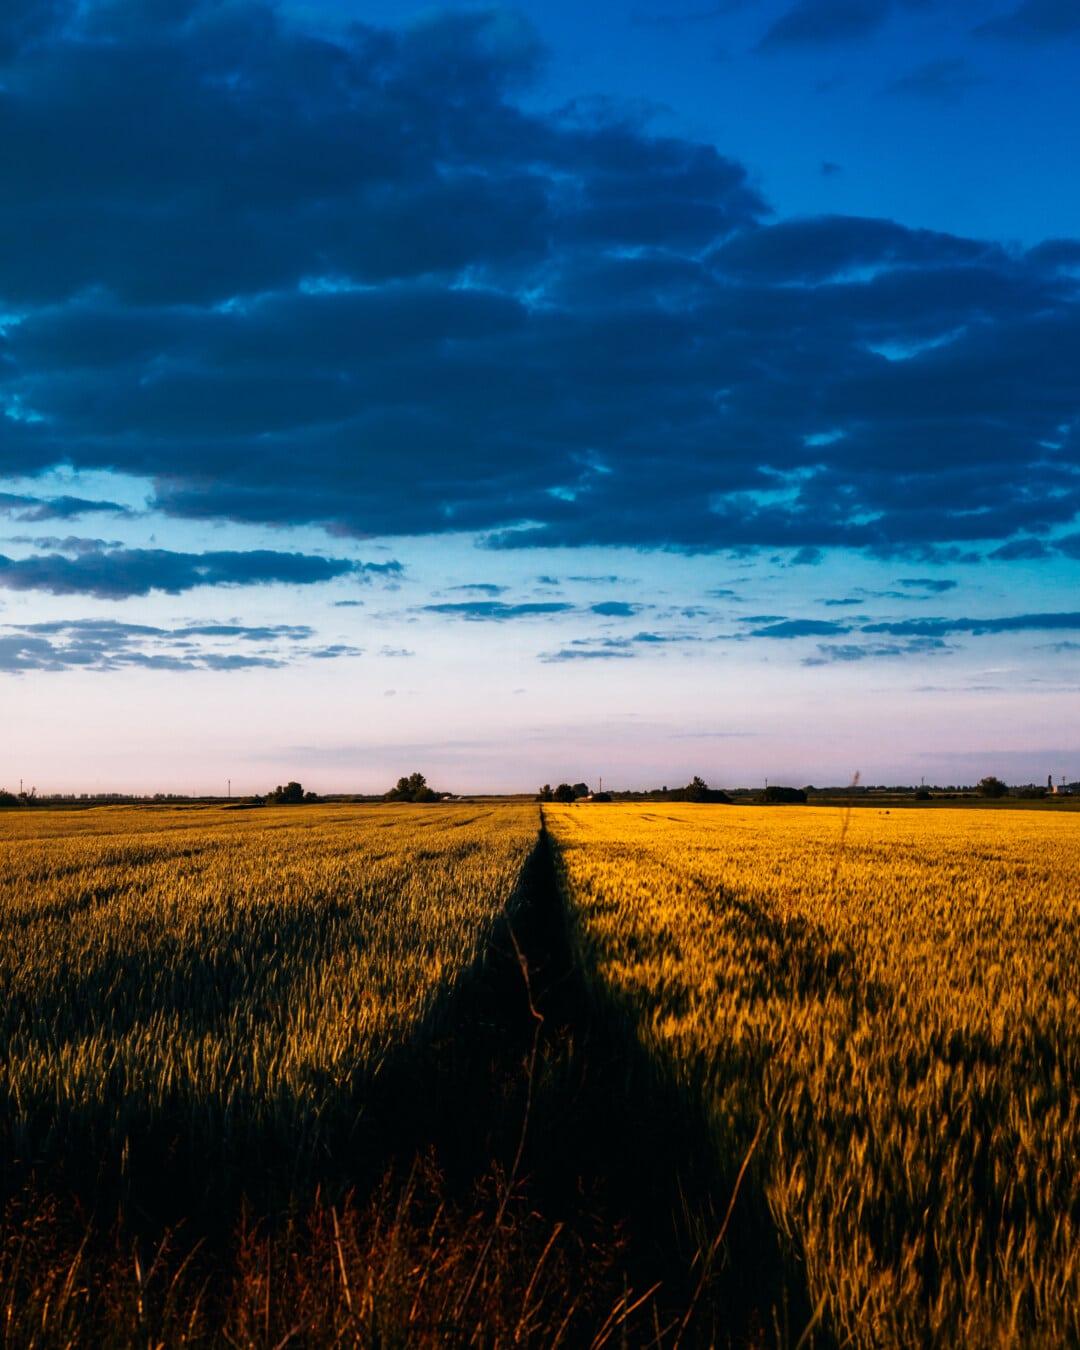 nuages, dramatique, bleu foncé, champ de blé, l'été, Agriculture, paysage, campagne, blé, domaine